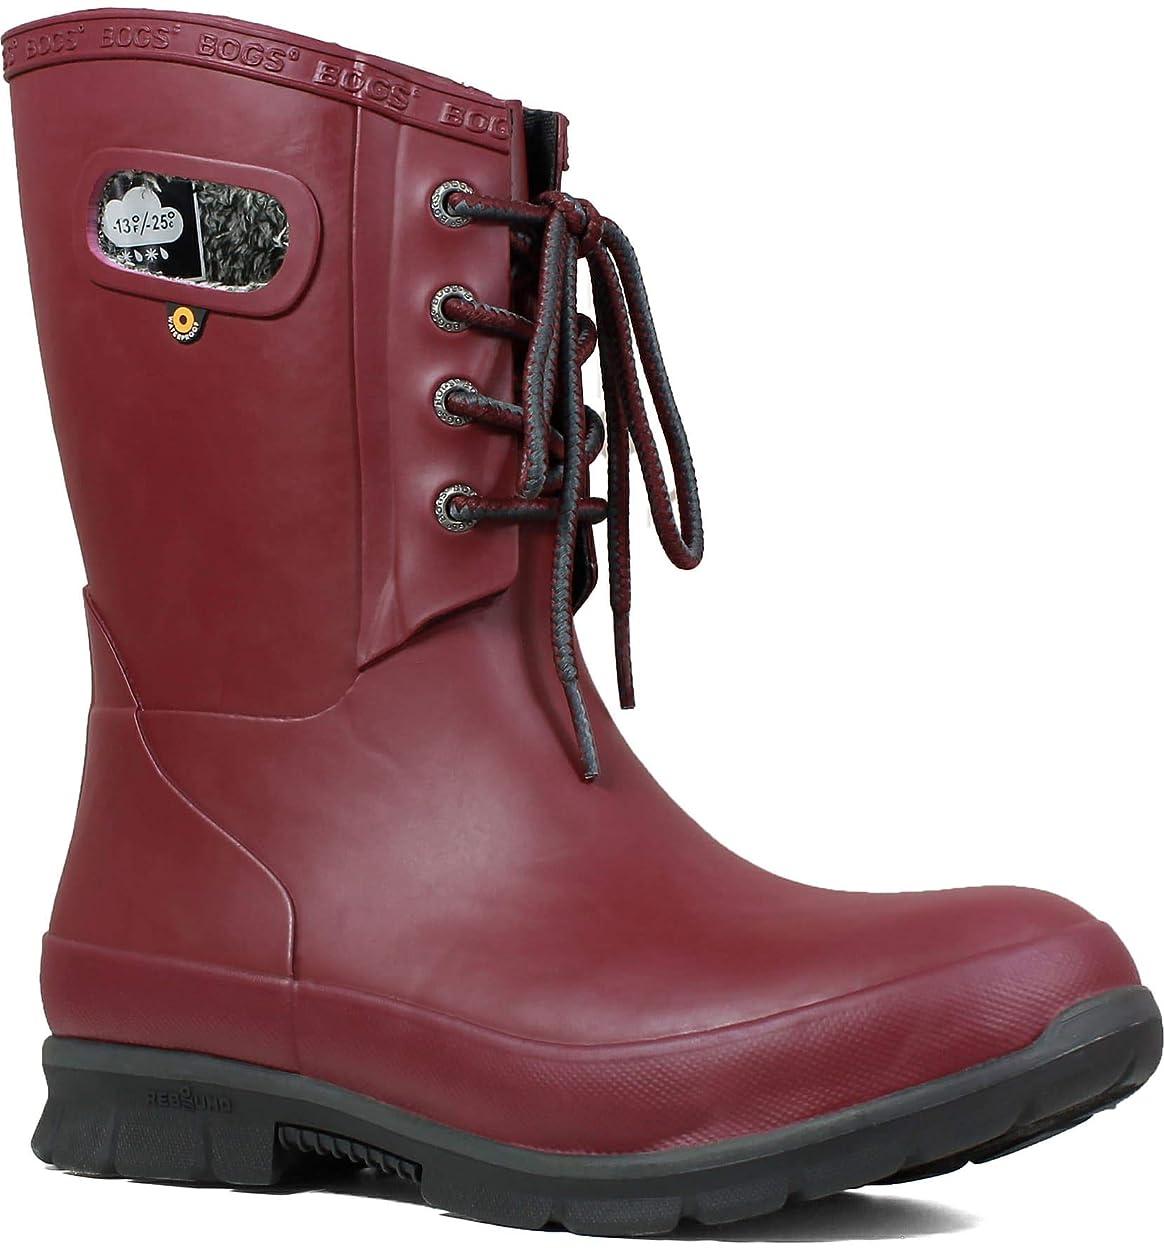 堤防円形変更可能[ボグス] レディース ブーツ&レインブーツ Amanda Plush Waterproof Rain Boot ([並行輸入品]